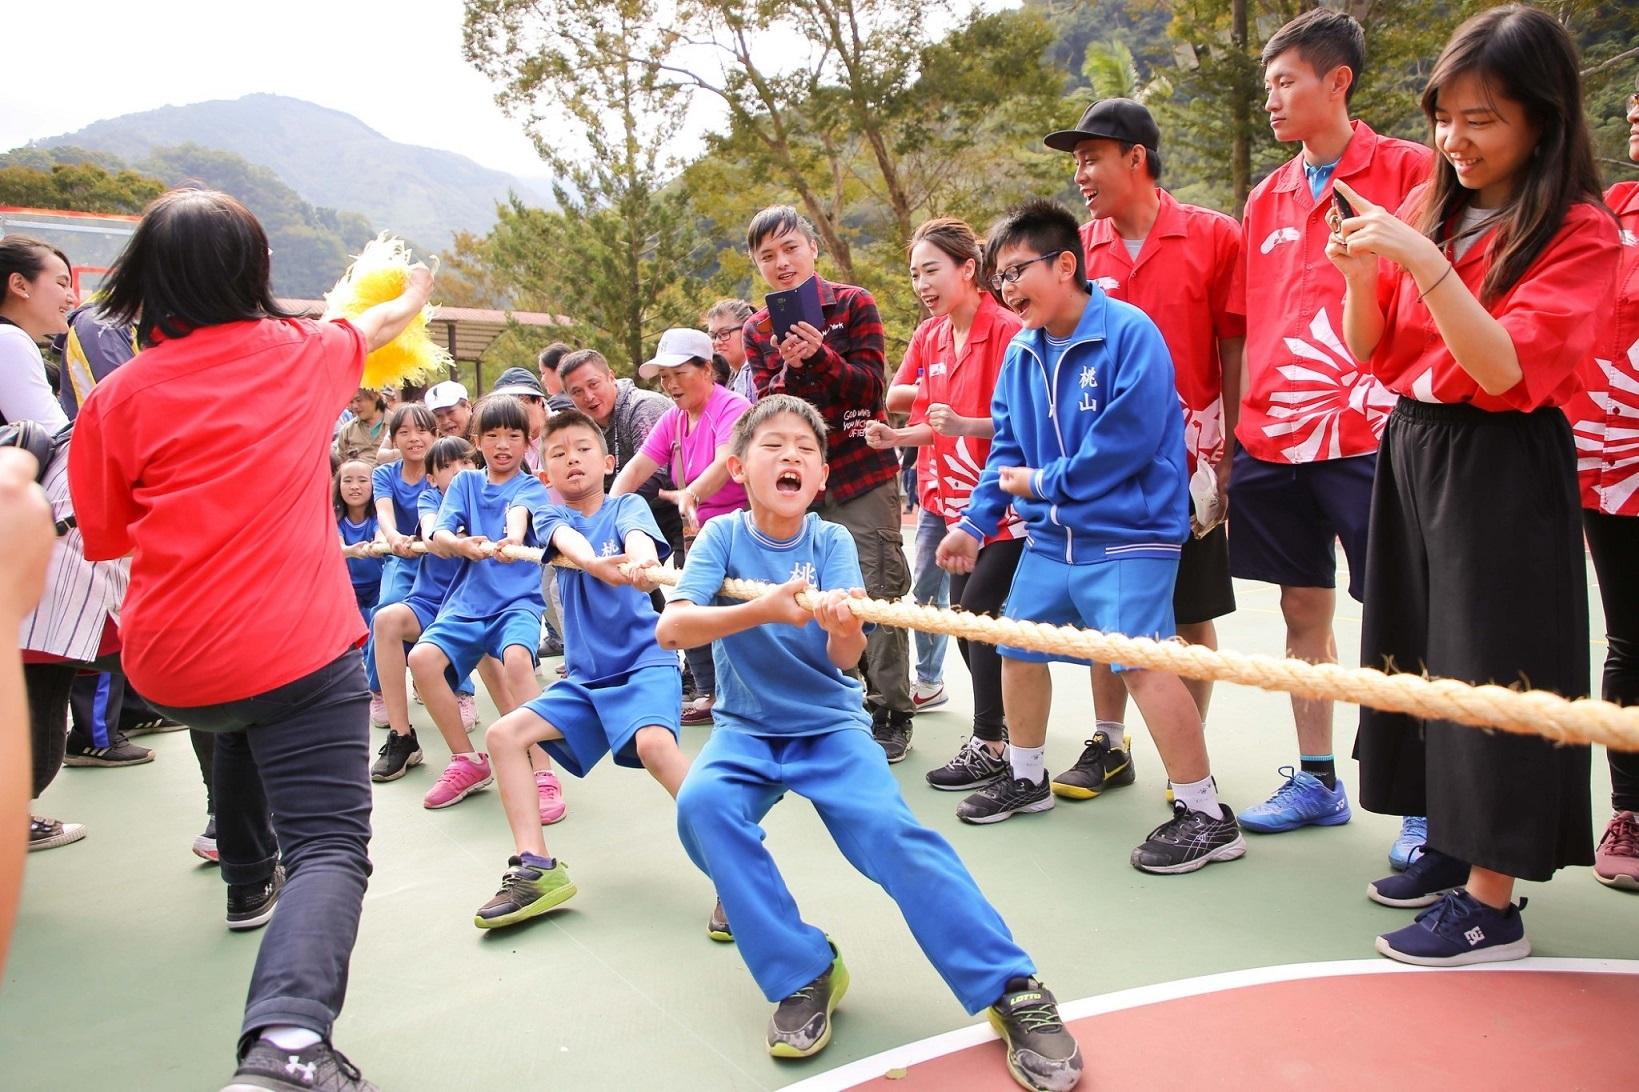 2019中華三菱偏鄉小學運,小朋友展現團隊合作精神力拔山河。